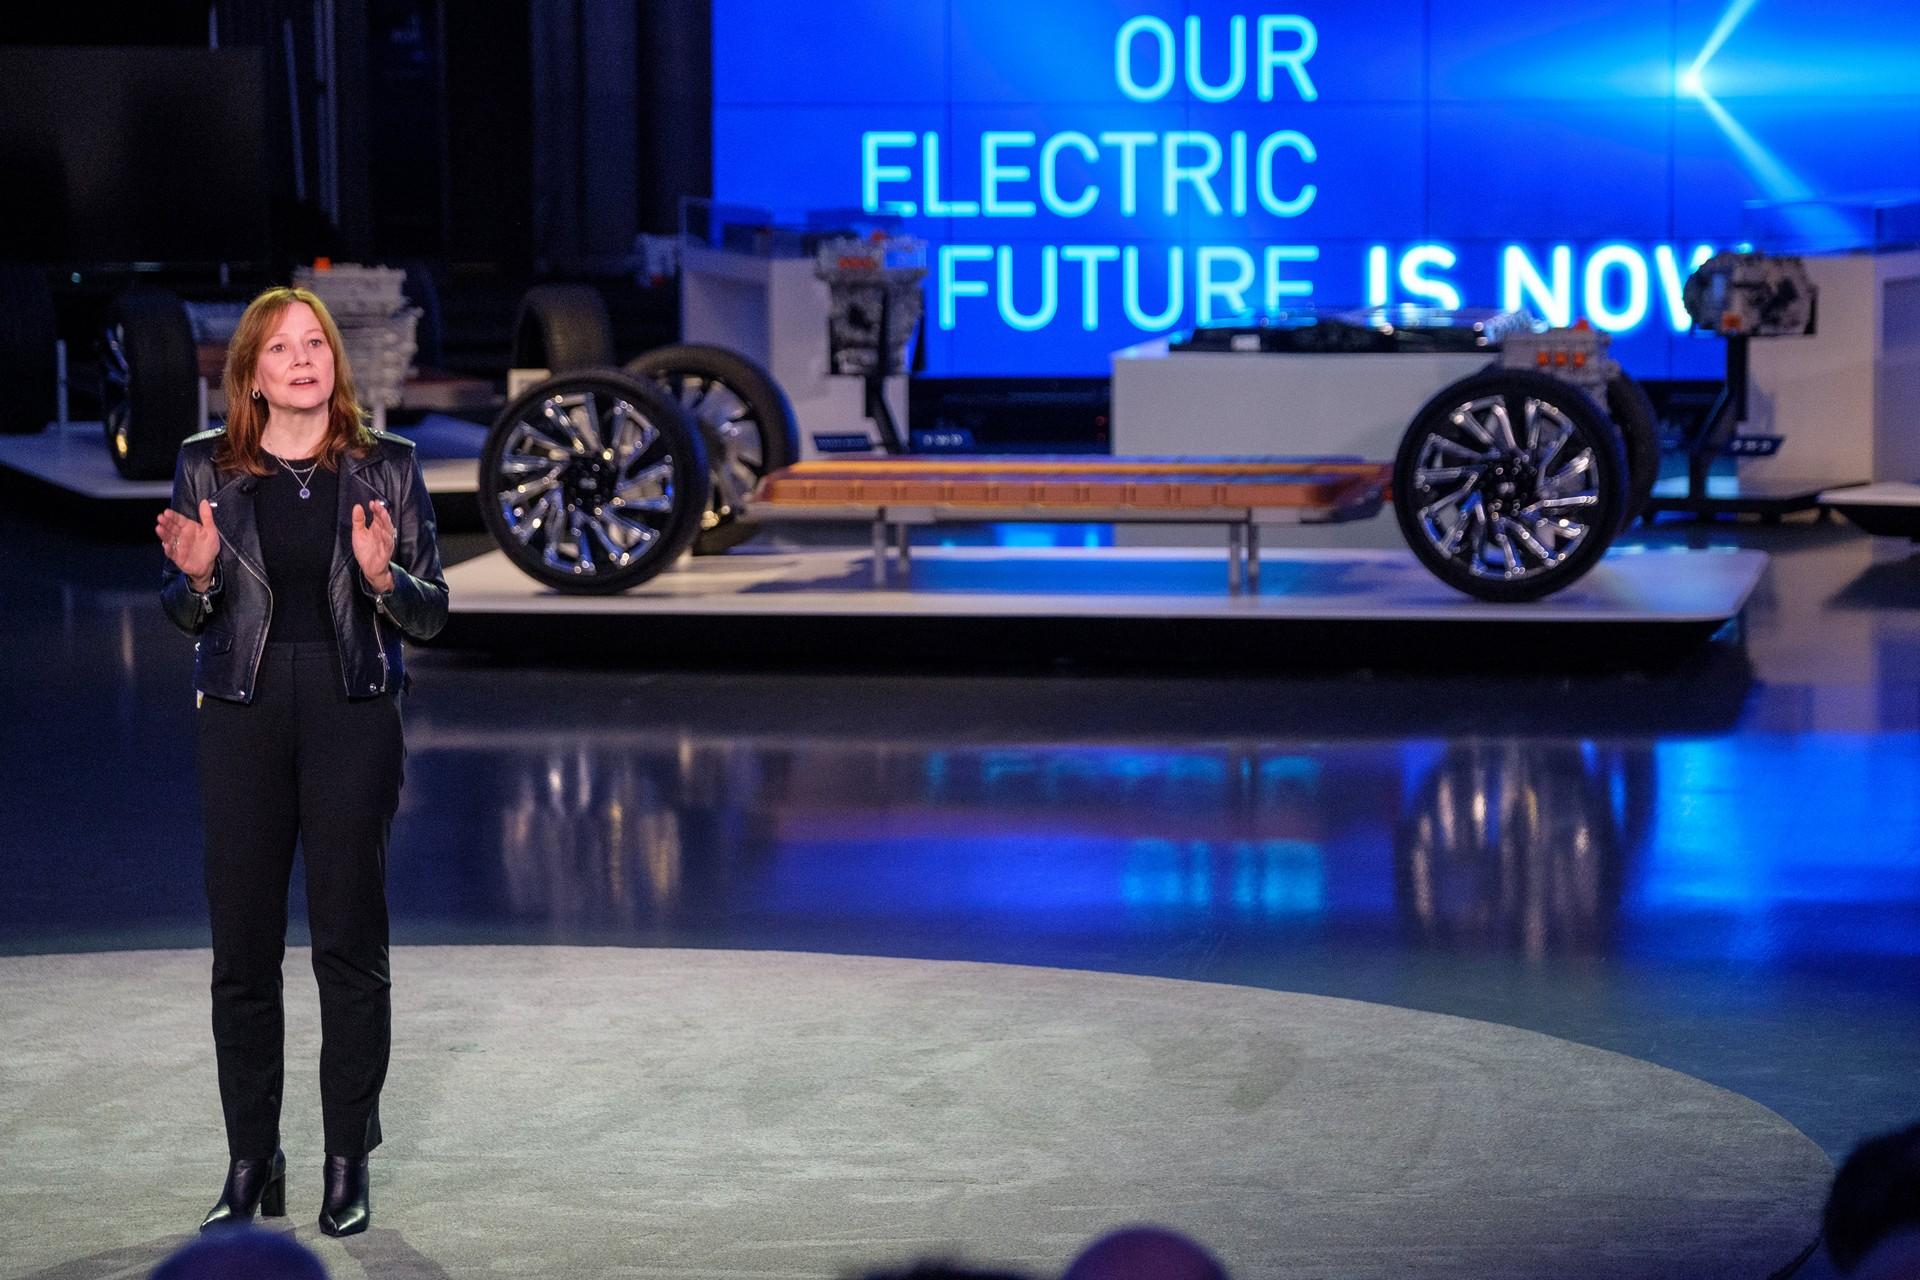 Американскиот автомобилски гигант нема да продава бензинци по 2035 година